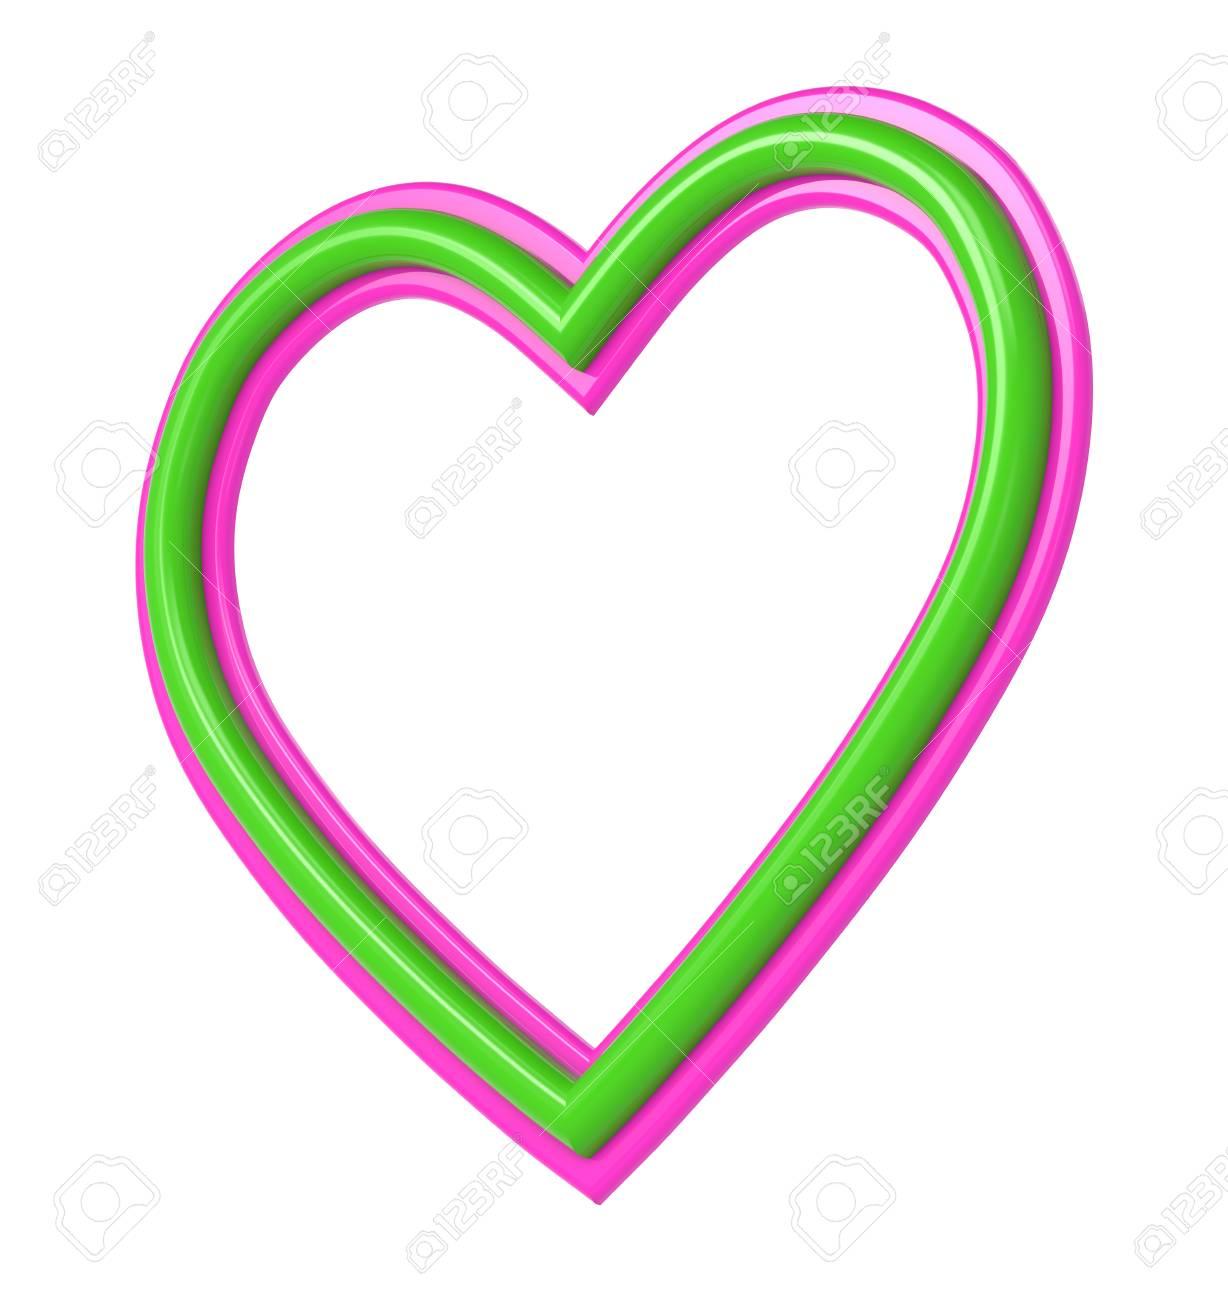 Marco Verde-rosa Cuadro Del Corazón De Plástico Aislado En Blanco ...